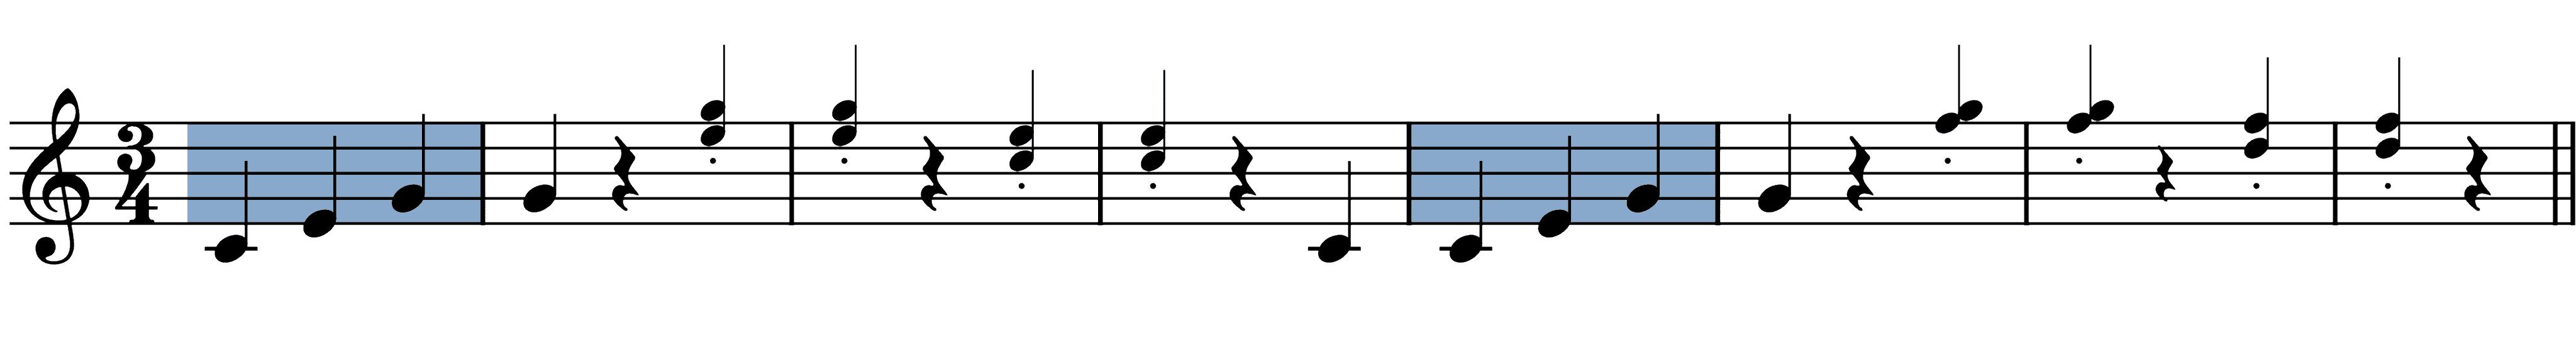 blue-danube